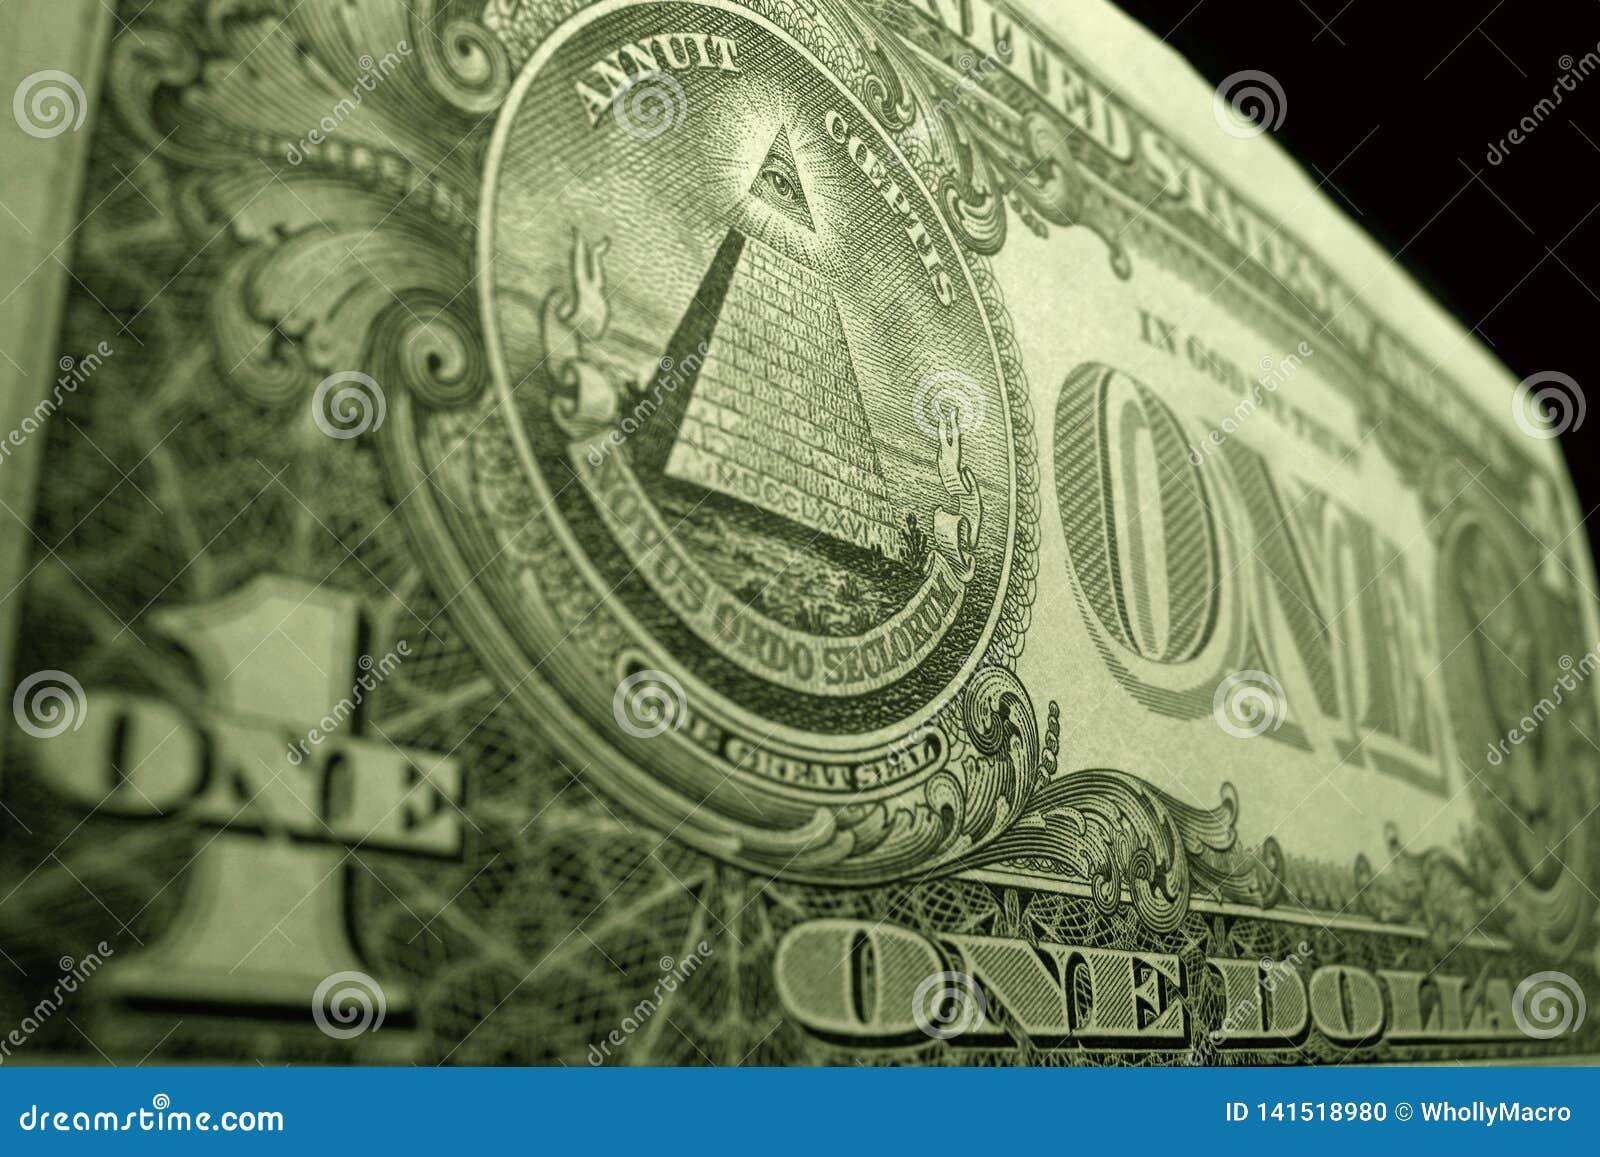 Fim do baixo ângulo acima do dólar americano, focalizado no olho do providência, na parte superior da pirâmide